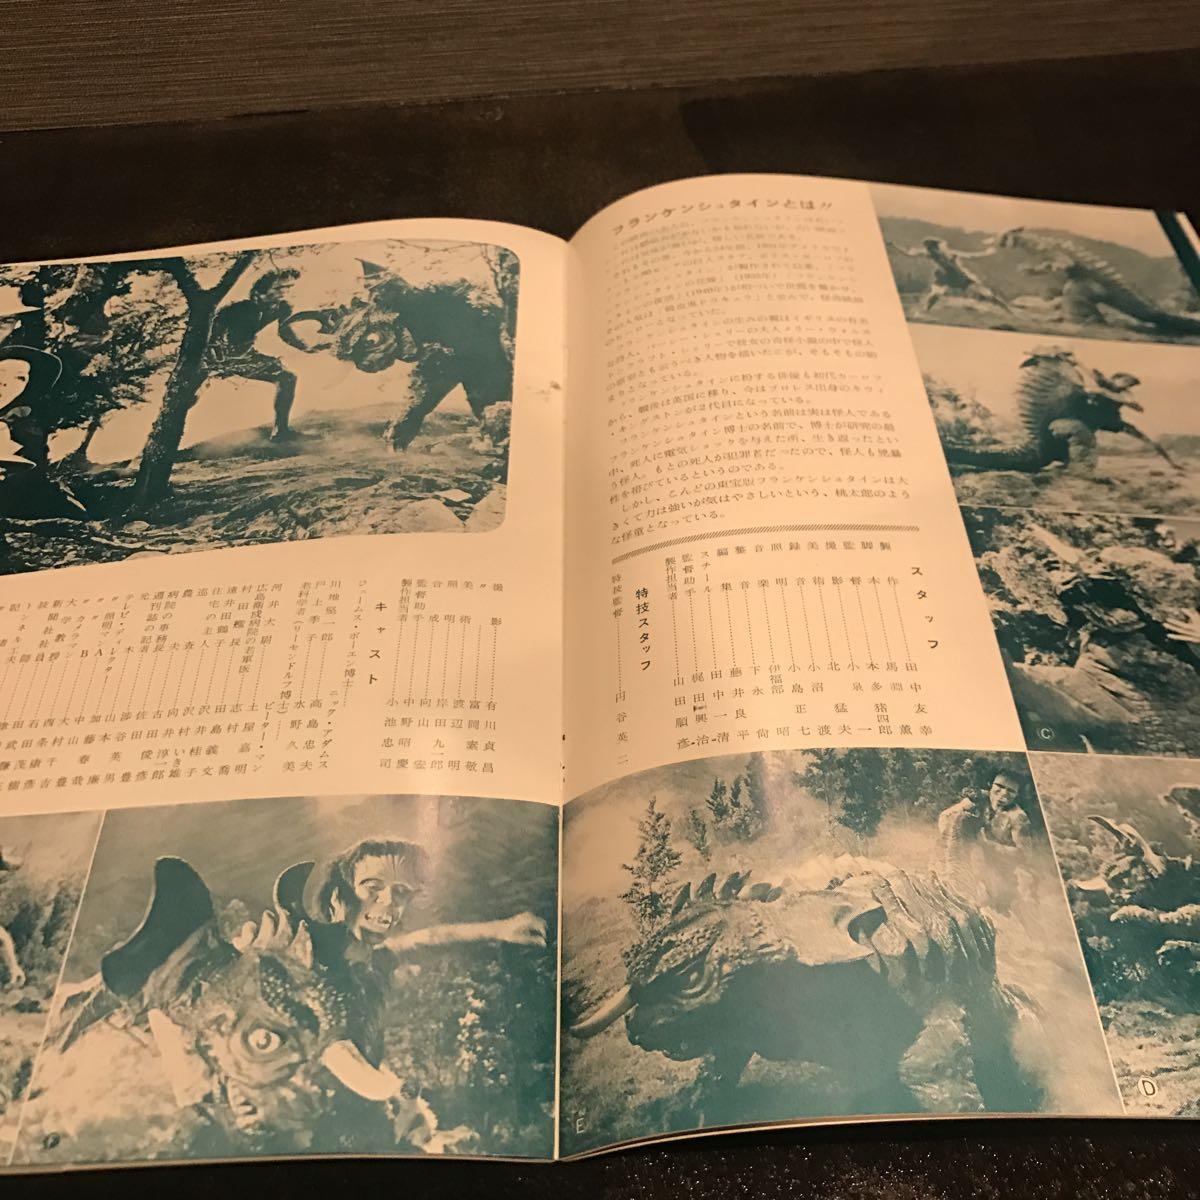 フランケンシュタイン対地底怪獣 バラゴン パンフレット 特撮 日本映画 昭和レトロ 美品 レア_画像8